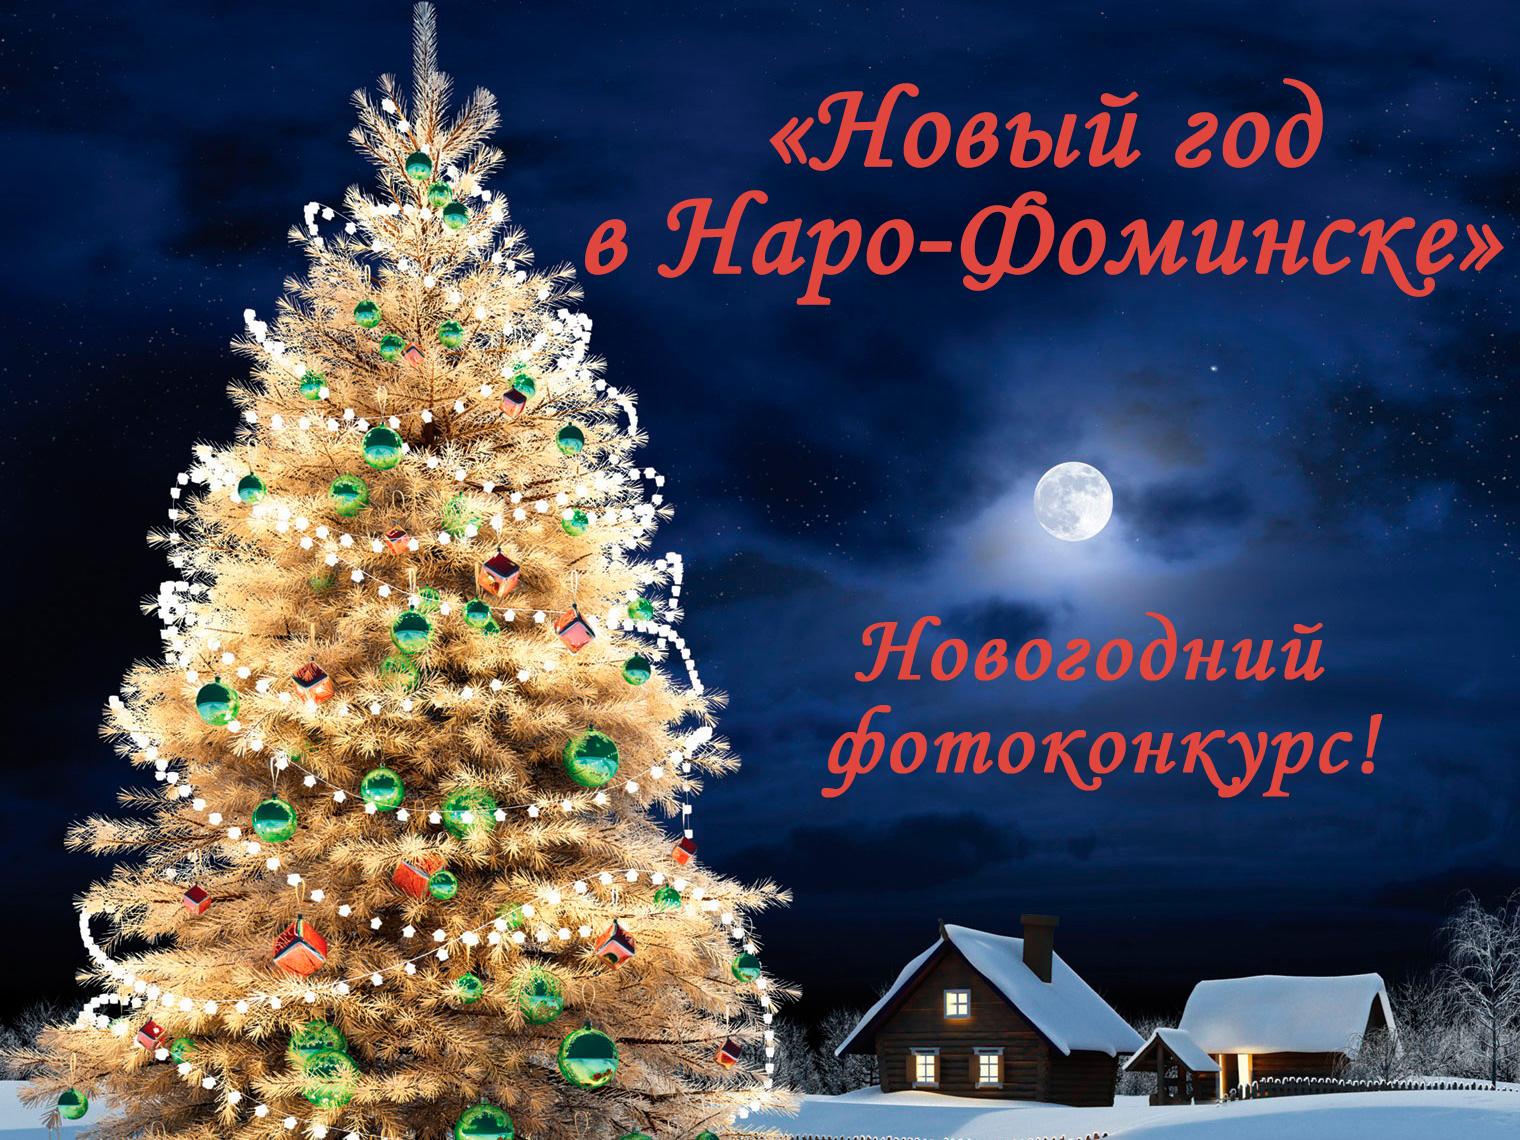 Елка новый год к нам мчится